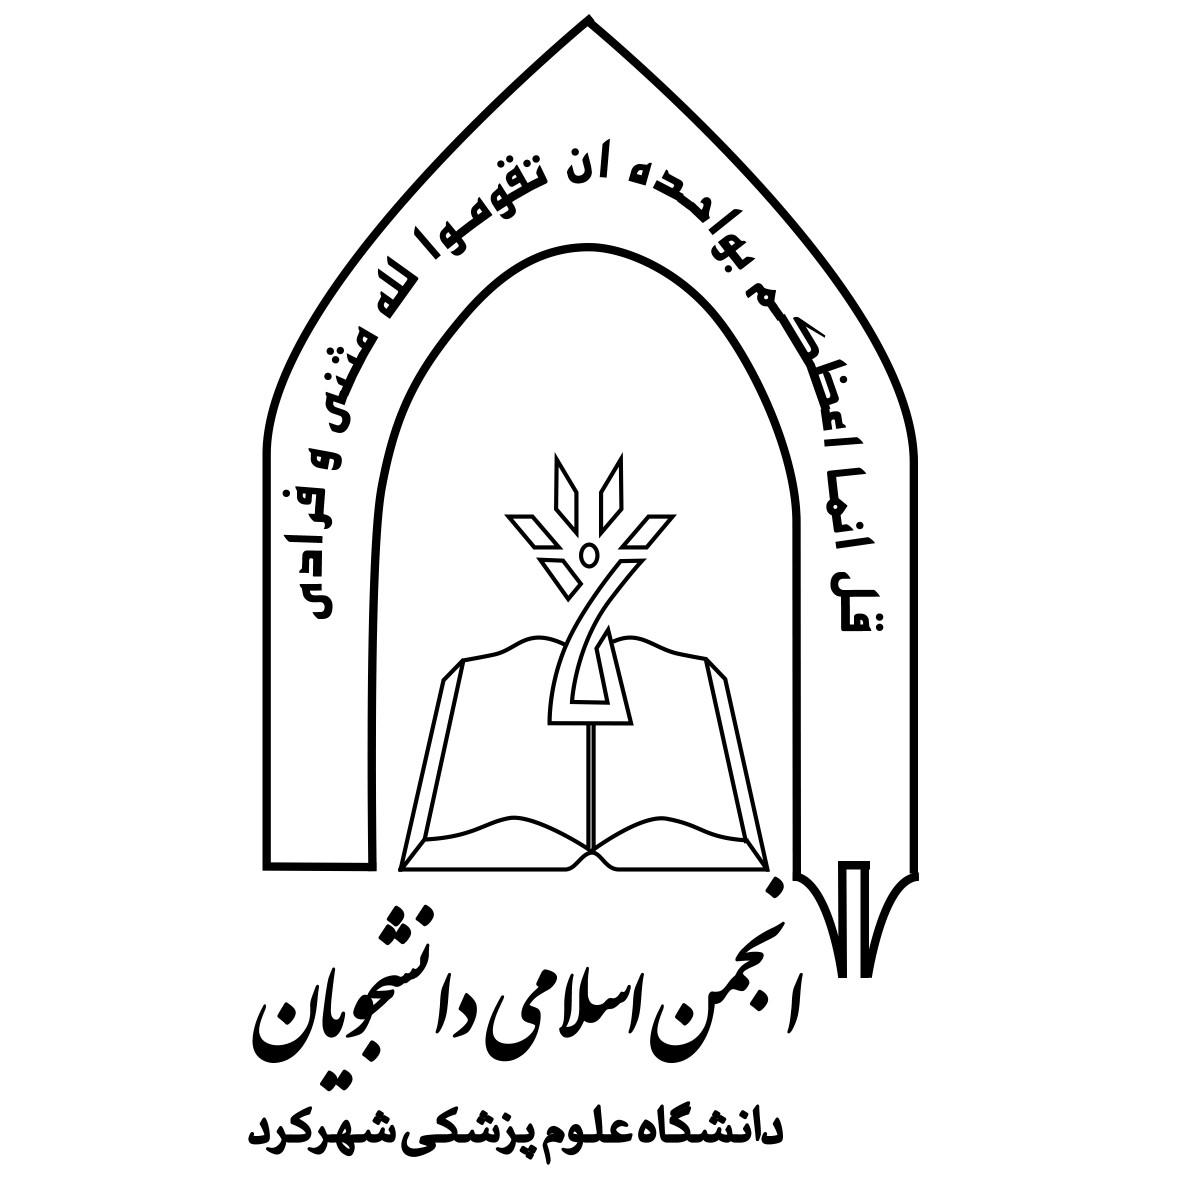 بتول عظیمی دبیر انجمن اسلامی دانشجویان دانشگاه علوم پزشکی شهرکرد شد.